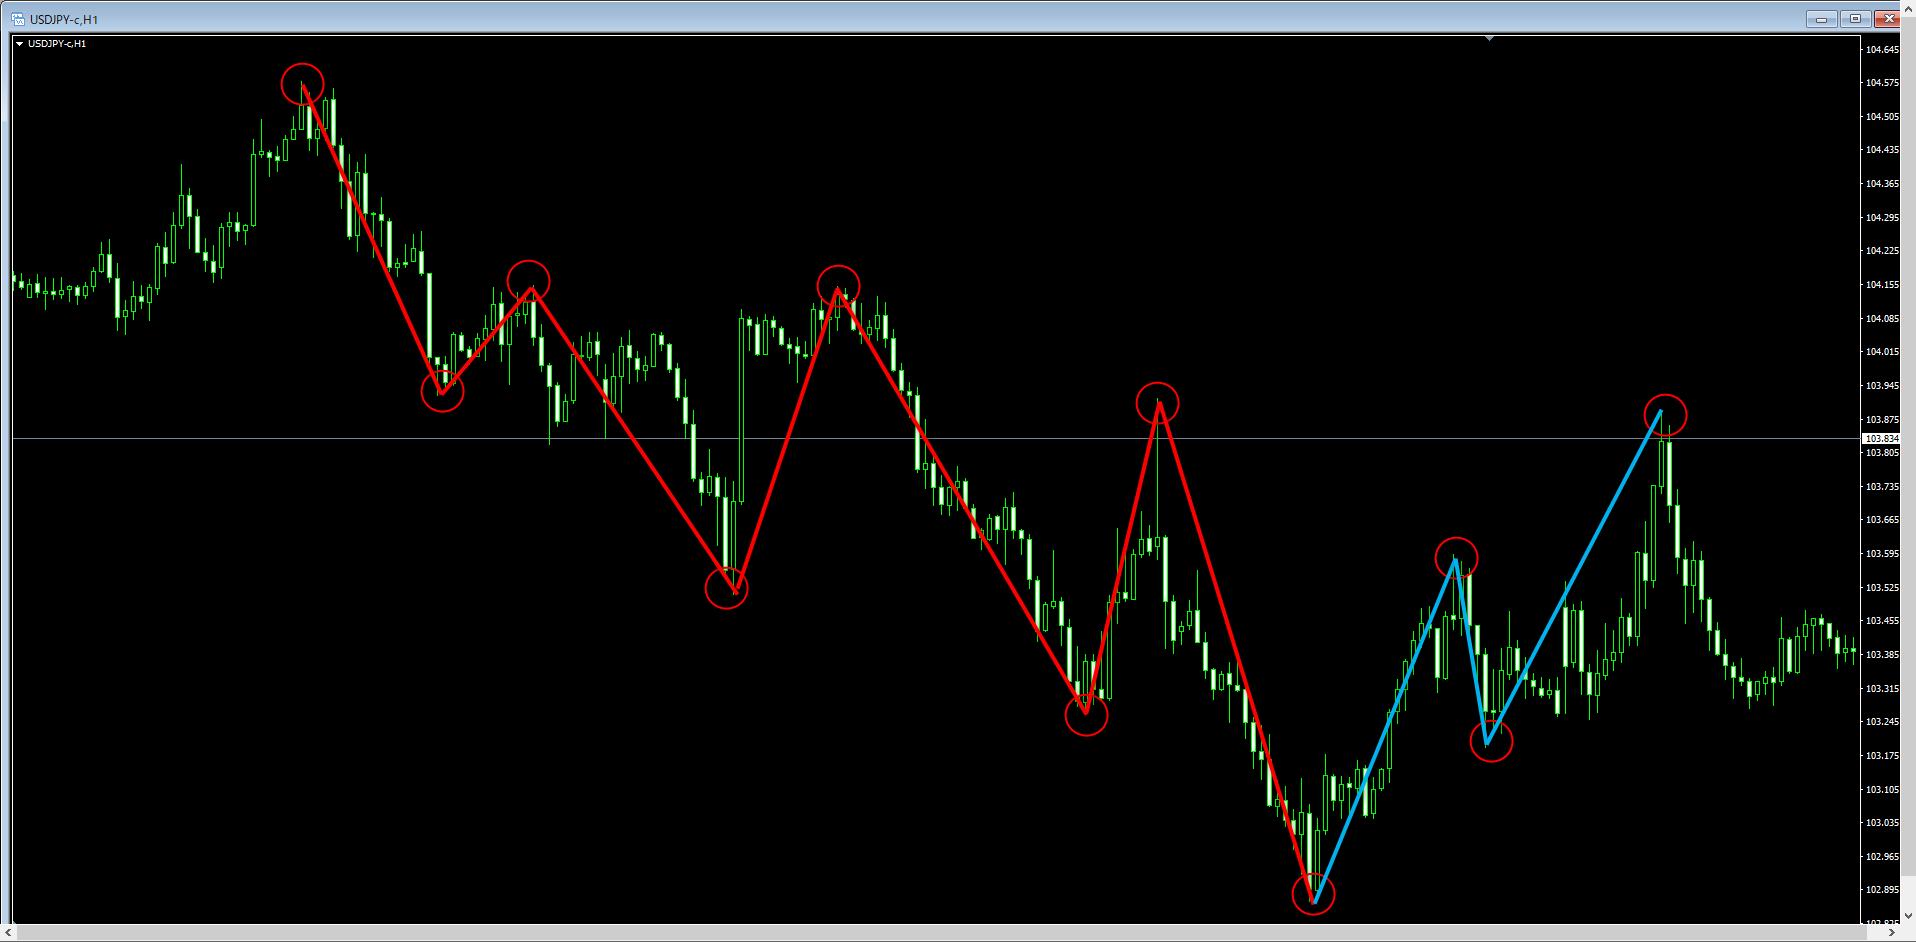 米ドル円(USD/JPY)の1時間足チャート